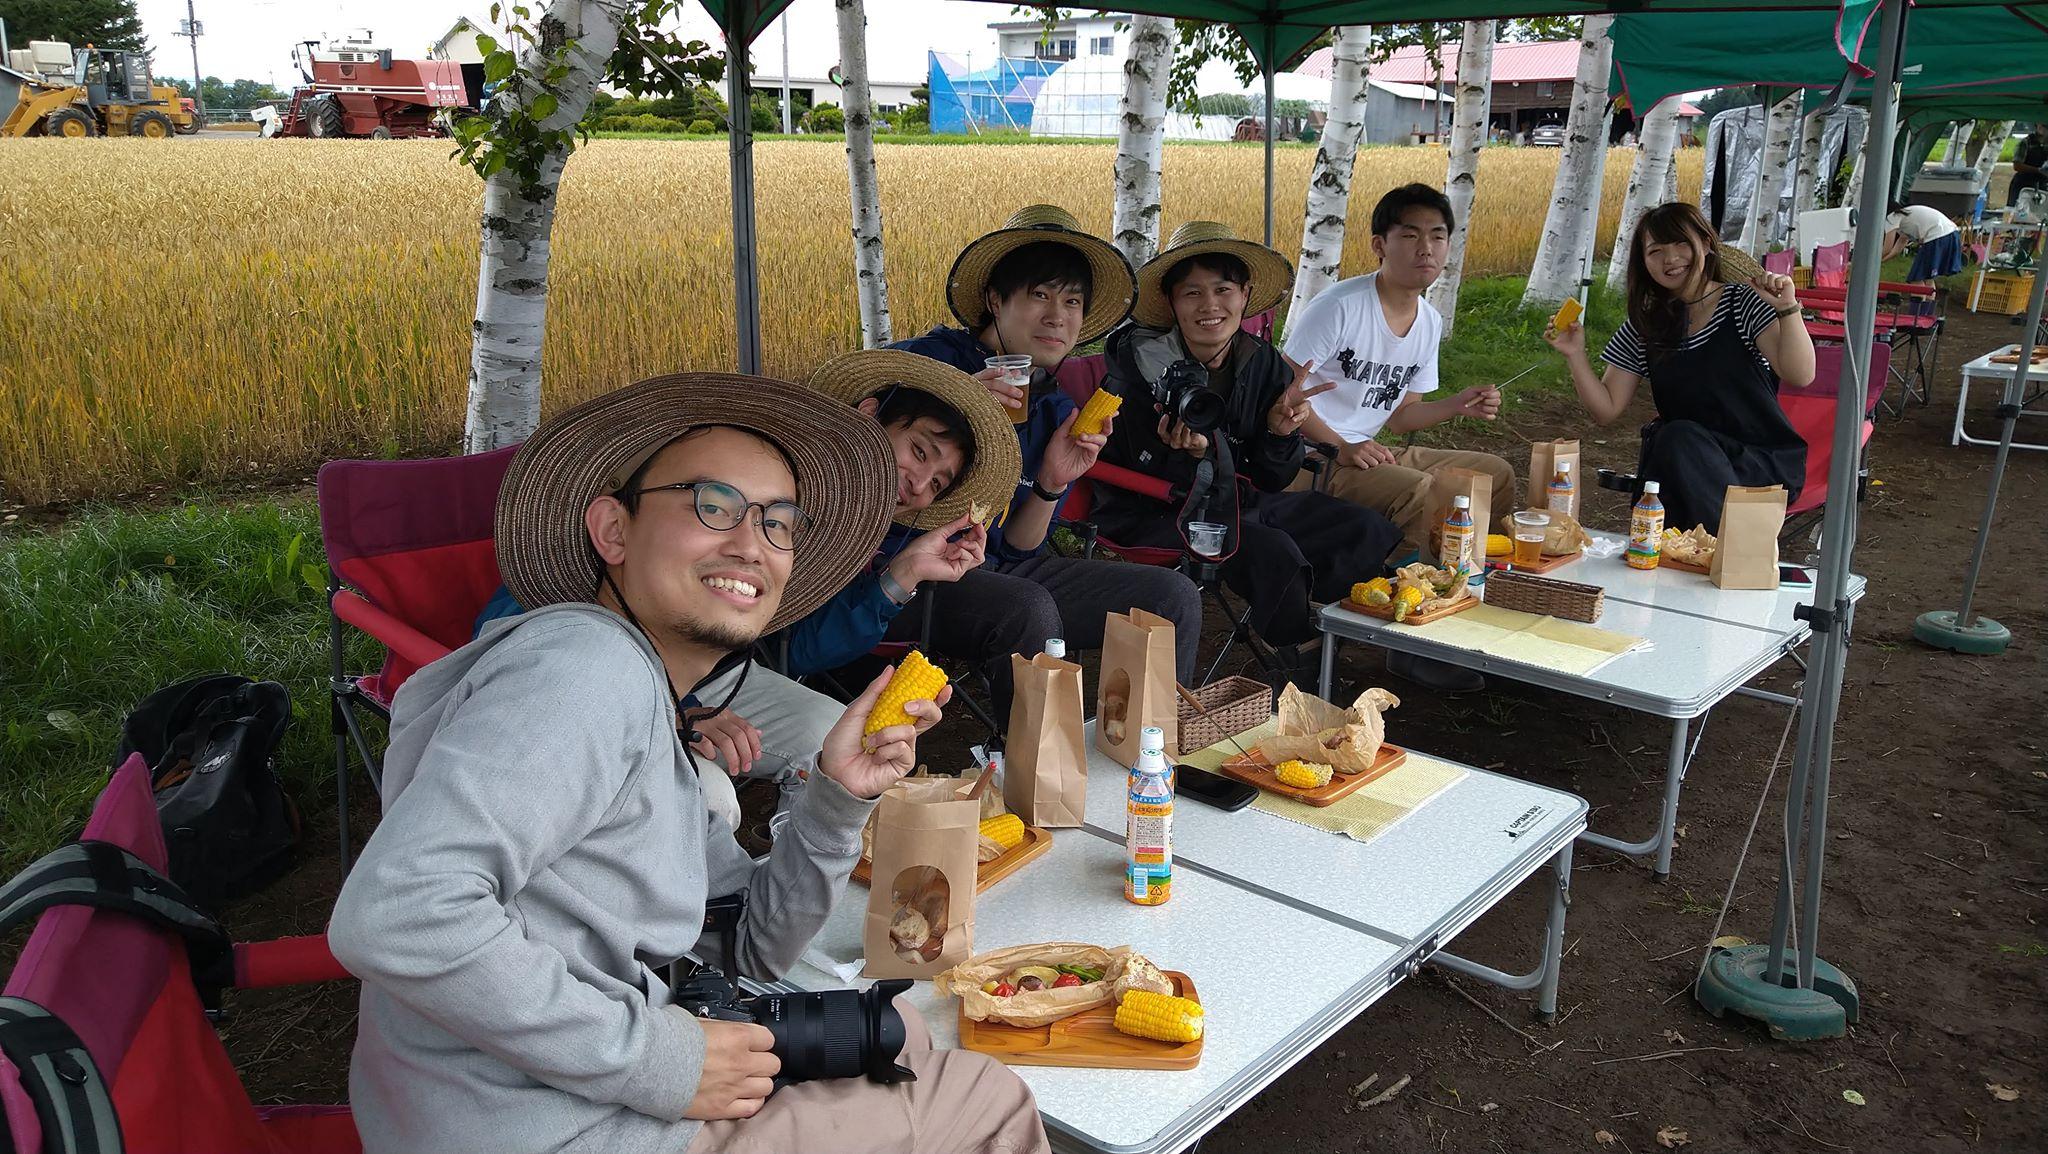 農場移動のお知らせ~坂東農場のとうきびピクニックは8月6日まで~